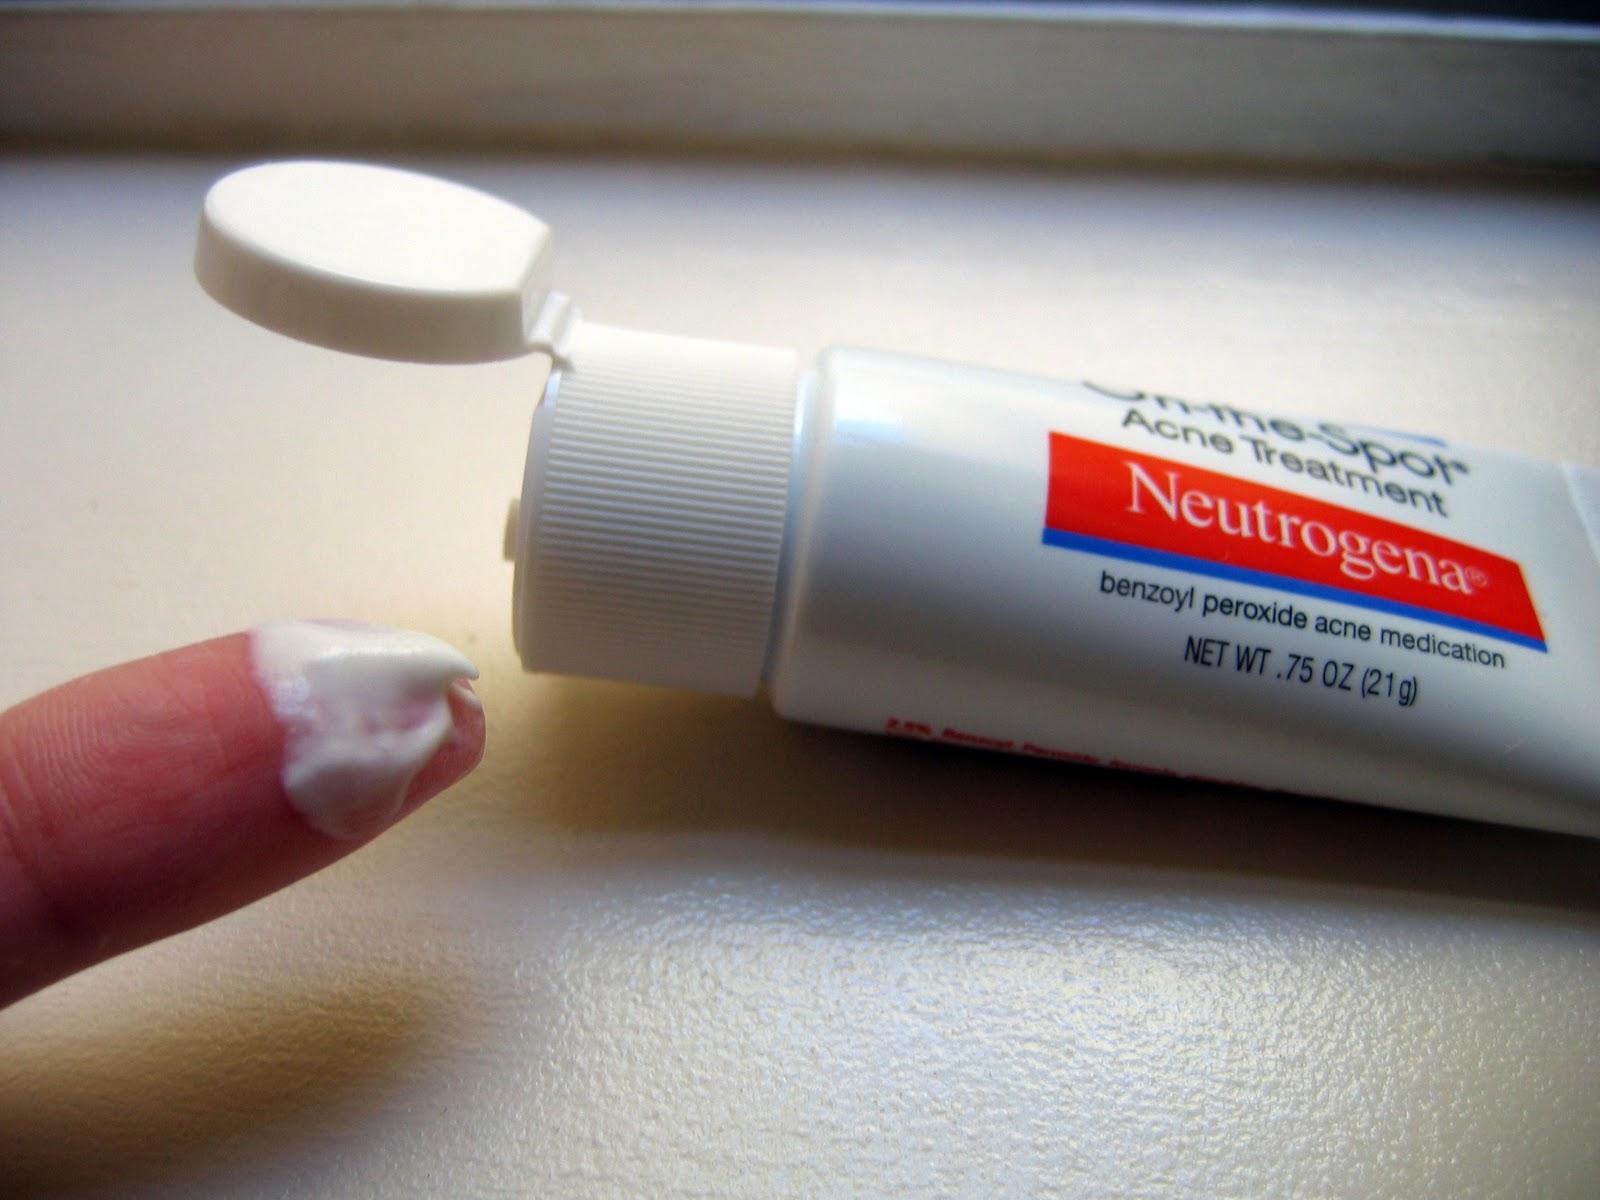 Kem trị mụn Neutrogena On The Spot Acne có tốt không?